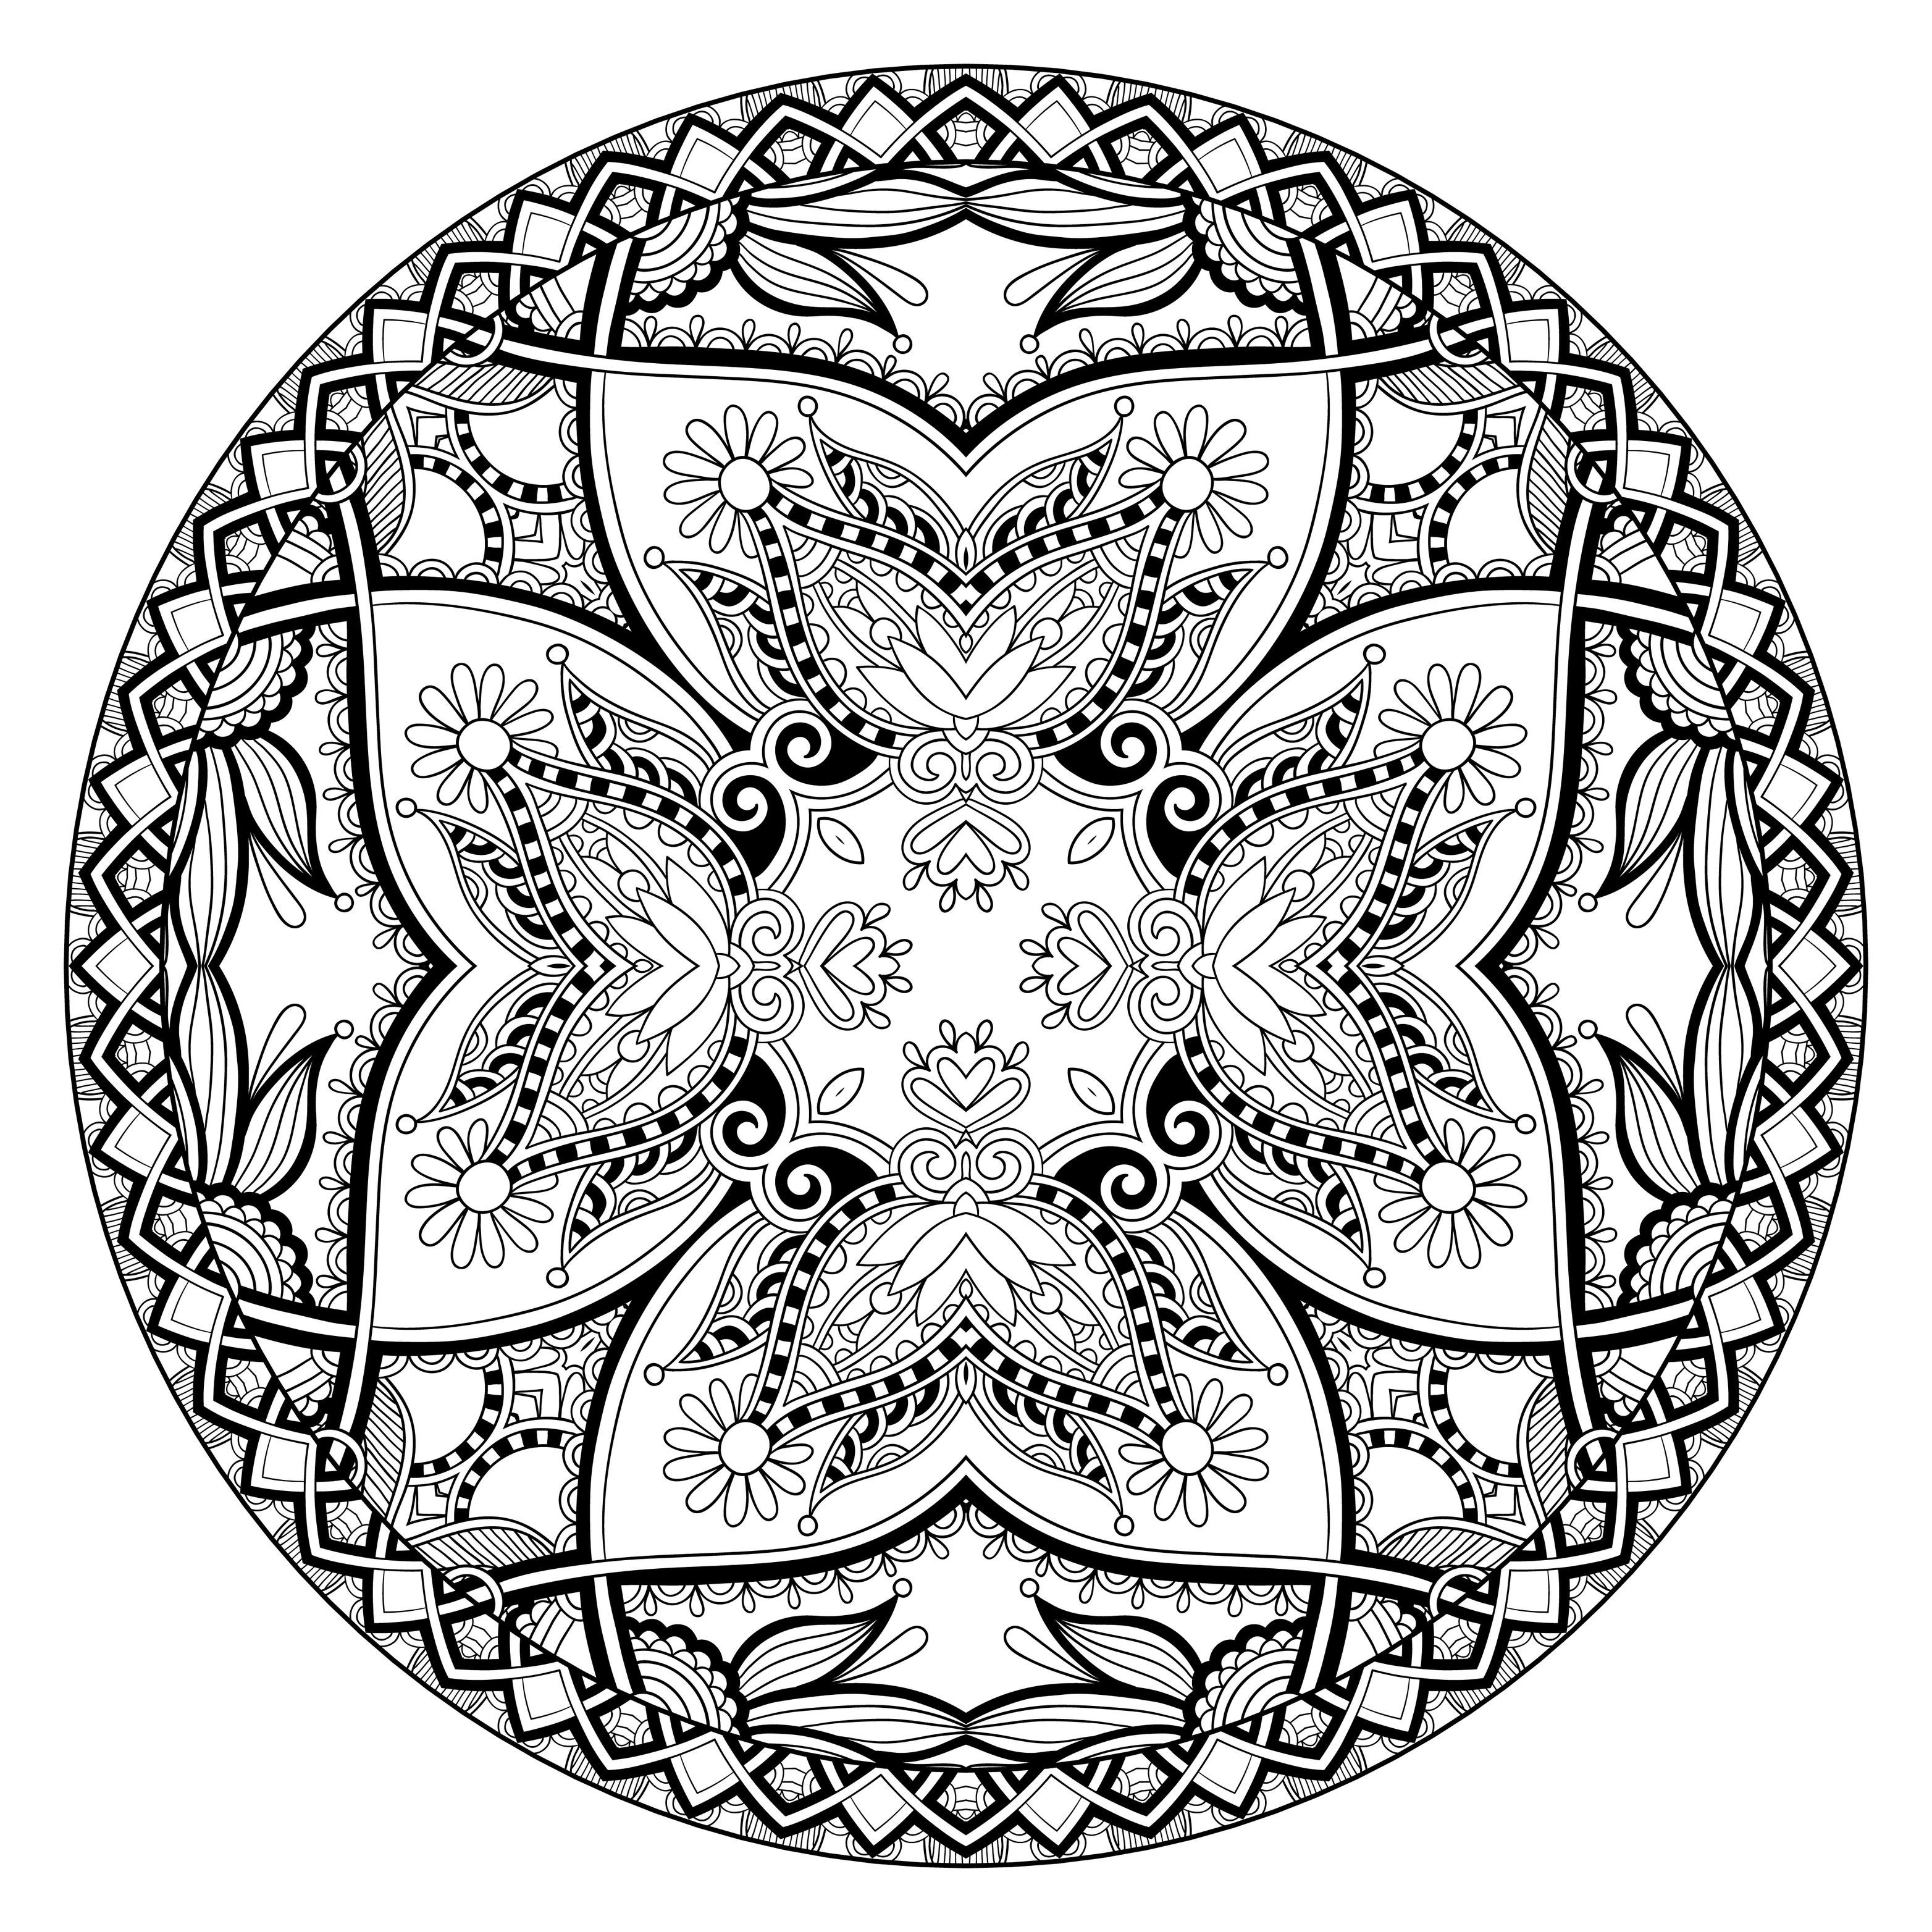 Pour imprimer ce coloriage gratuit coloriage mandala par karakotsya 1